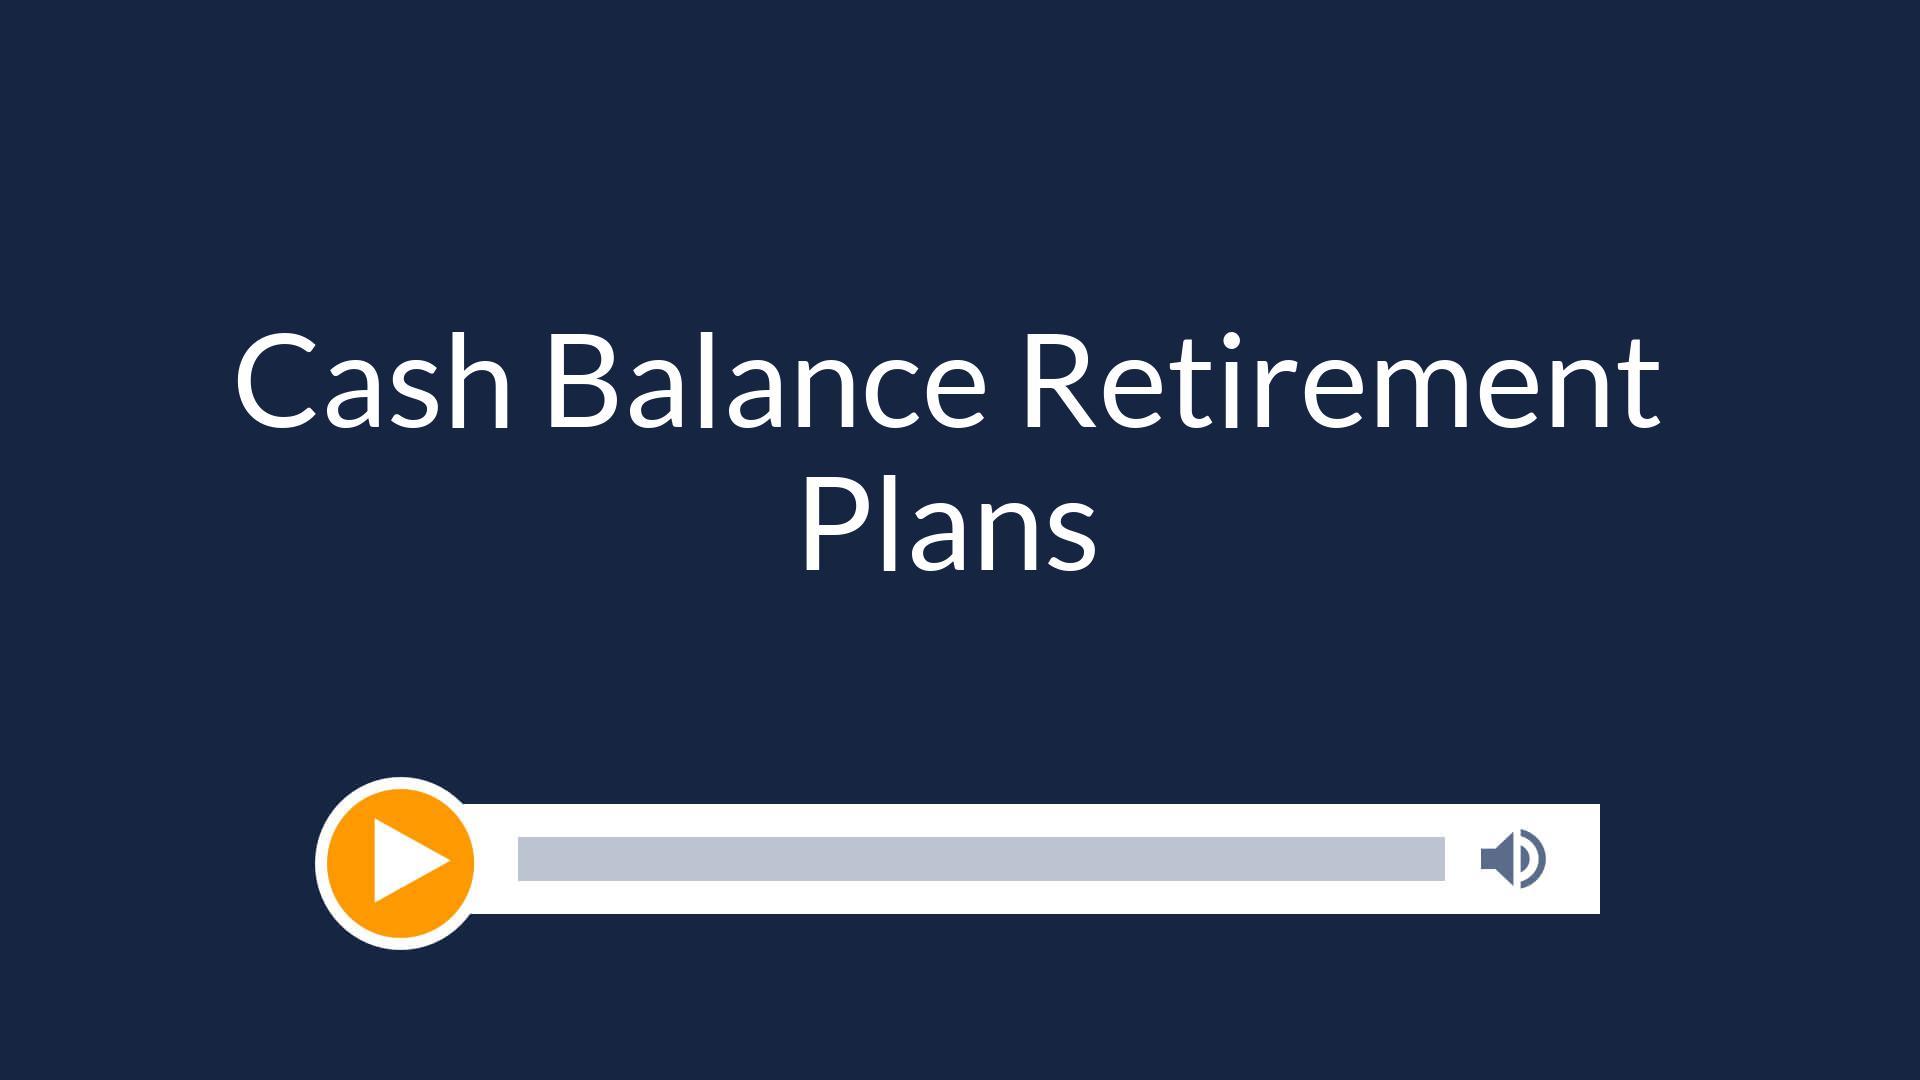 Cash Balance Retirement Plans